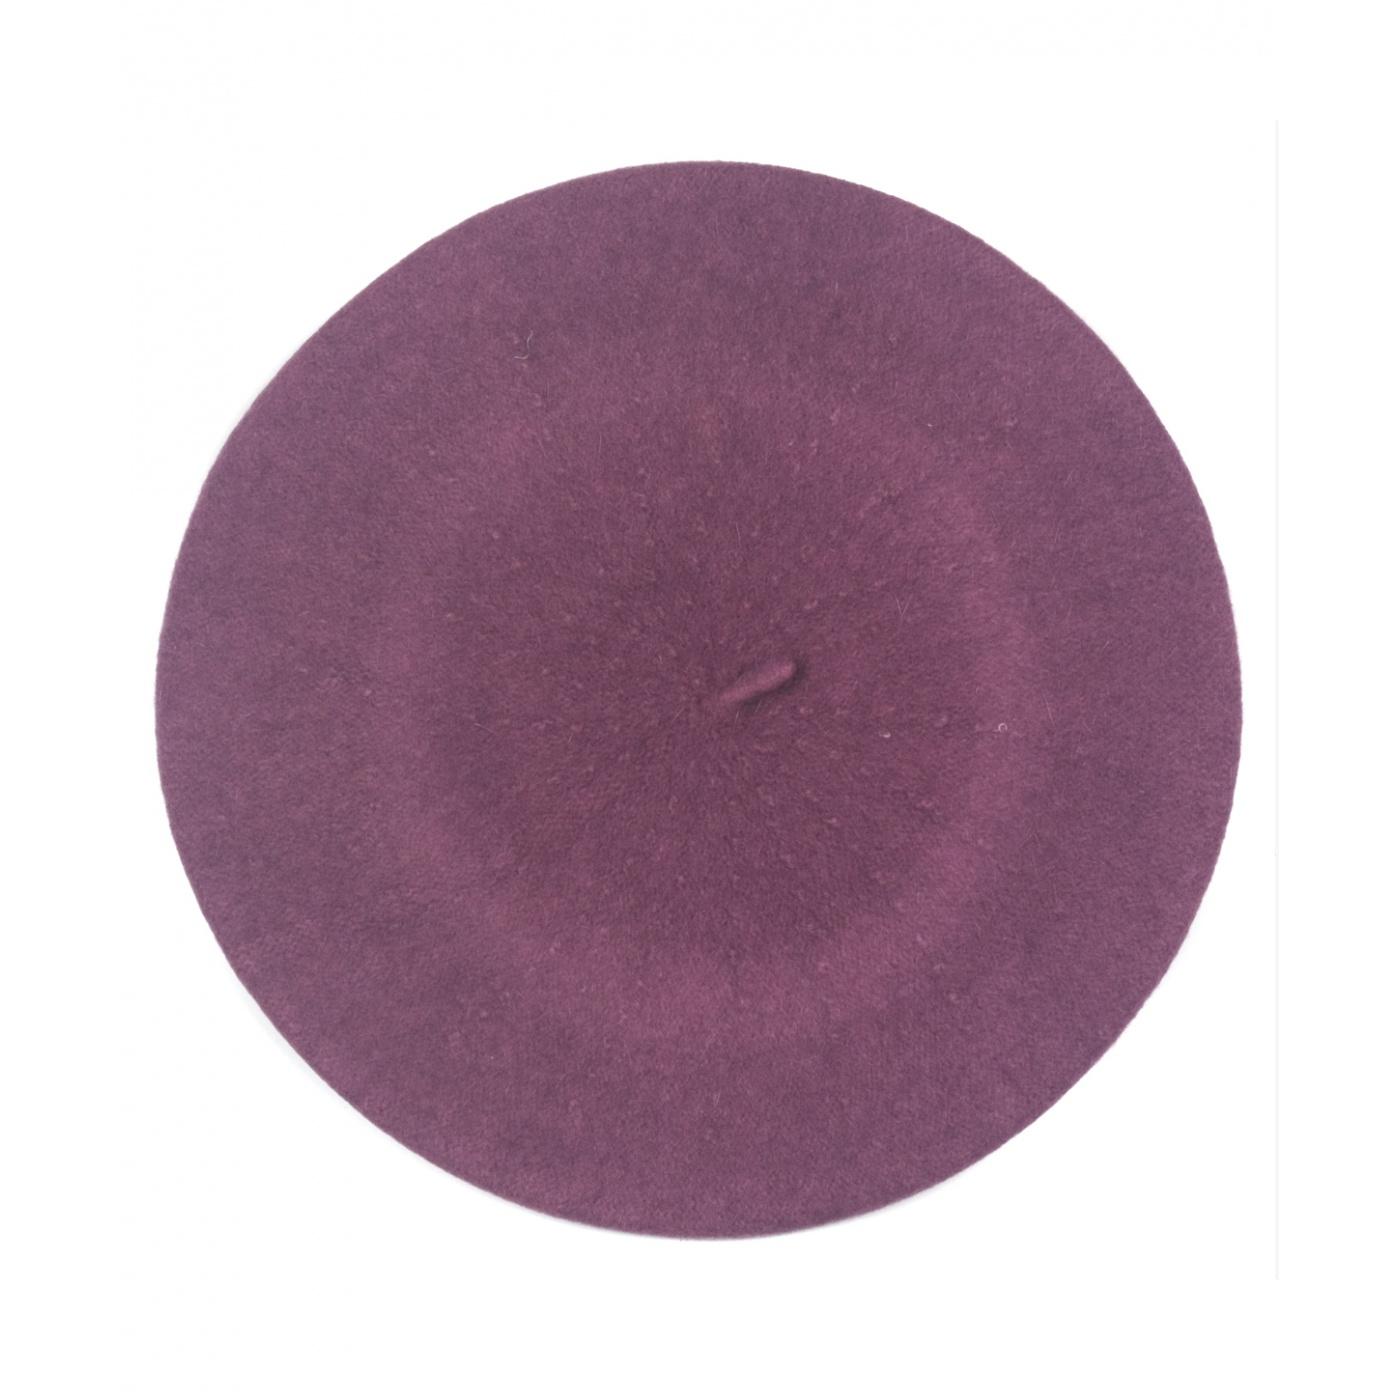 Klasyczny damski beret wełniany – różowo-fioletowy